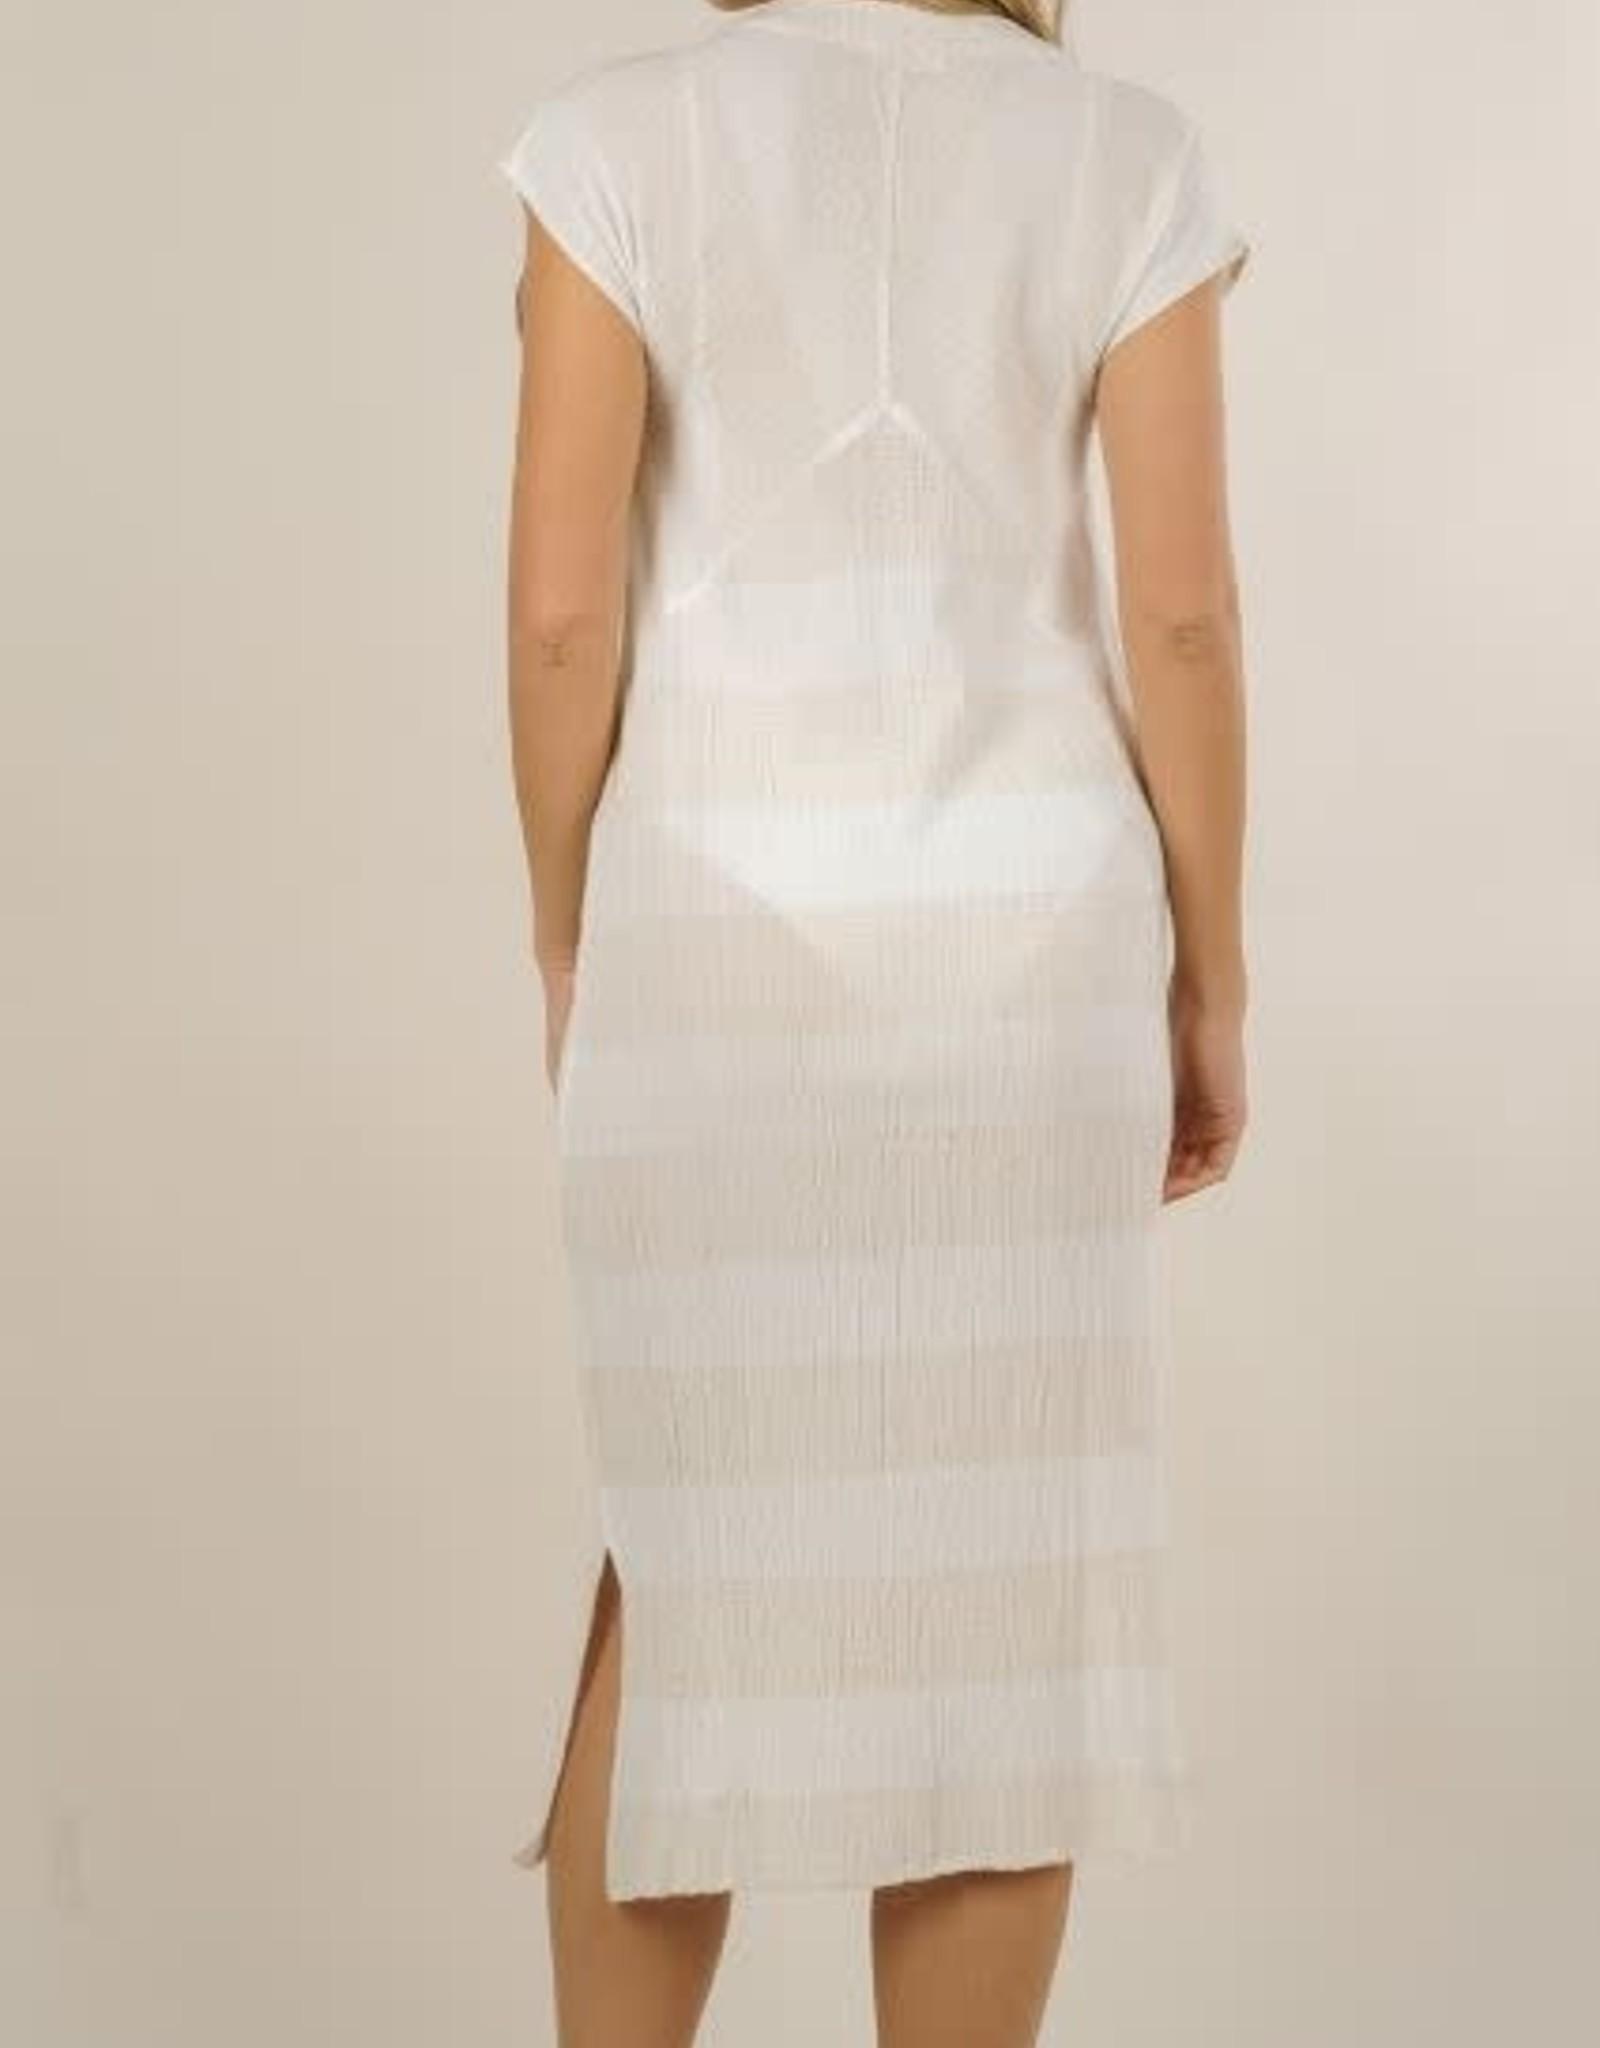 LOVESTITCH DELHI DRESS